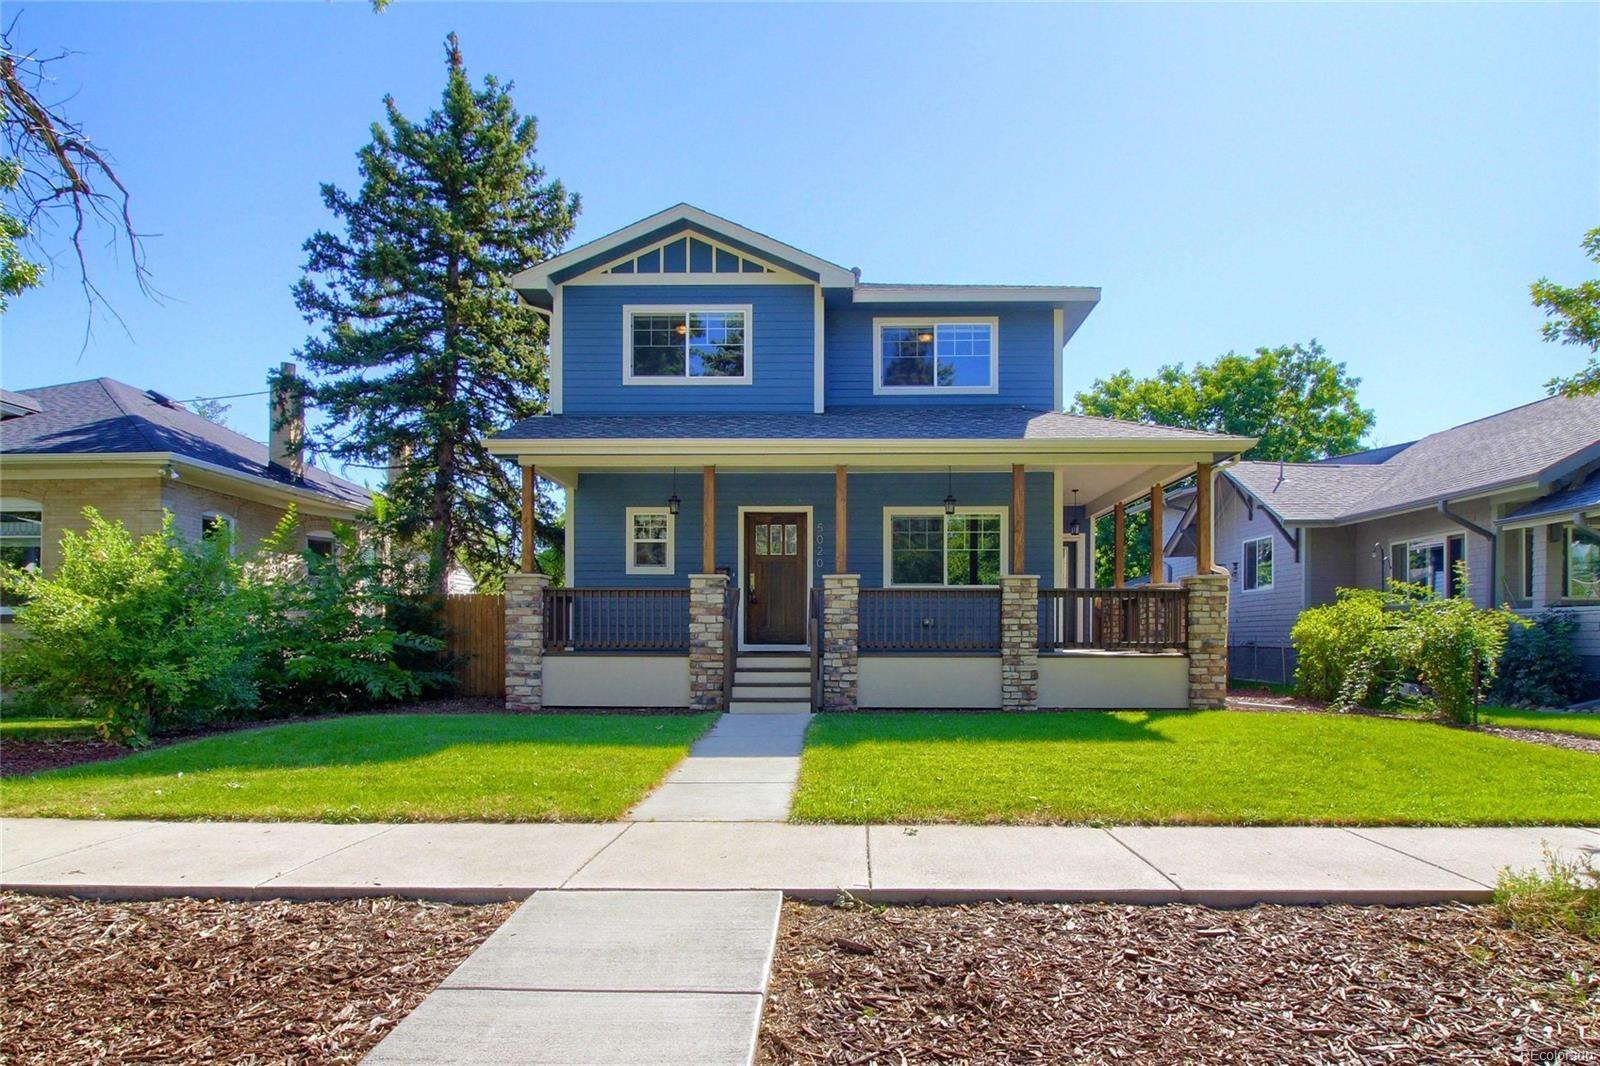 MLS# 3933696 - 2 - 5020 Stuart Street, Denver, CO 80212